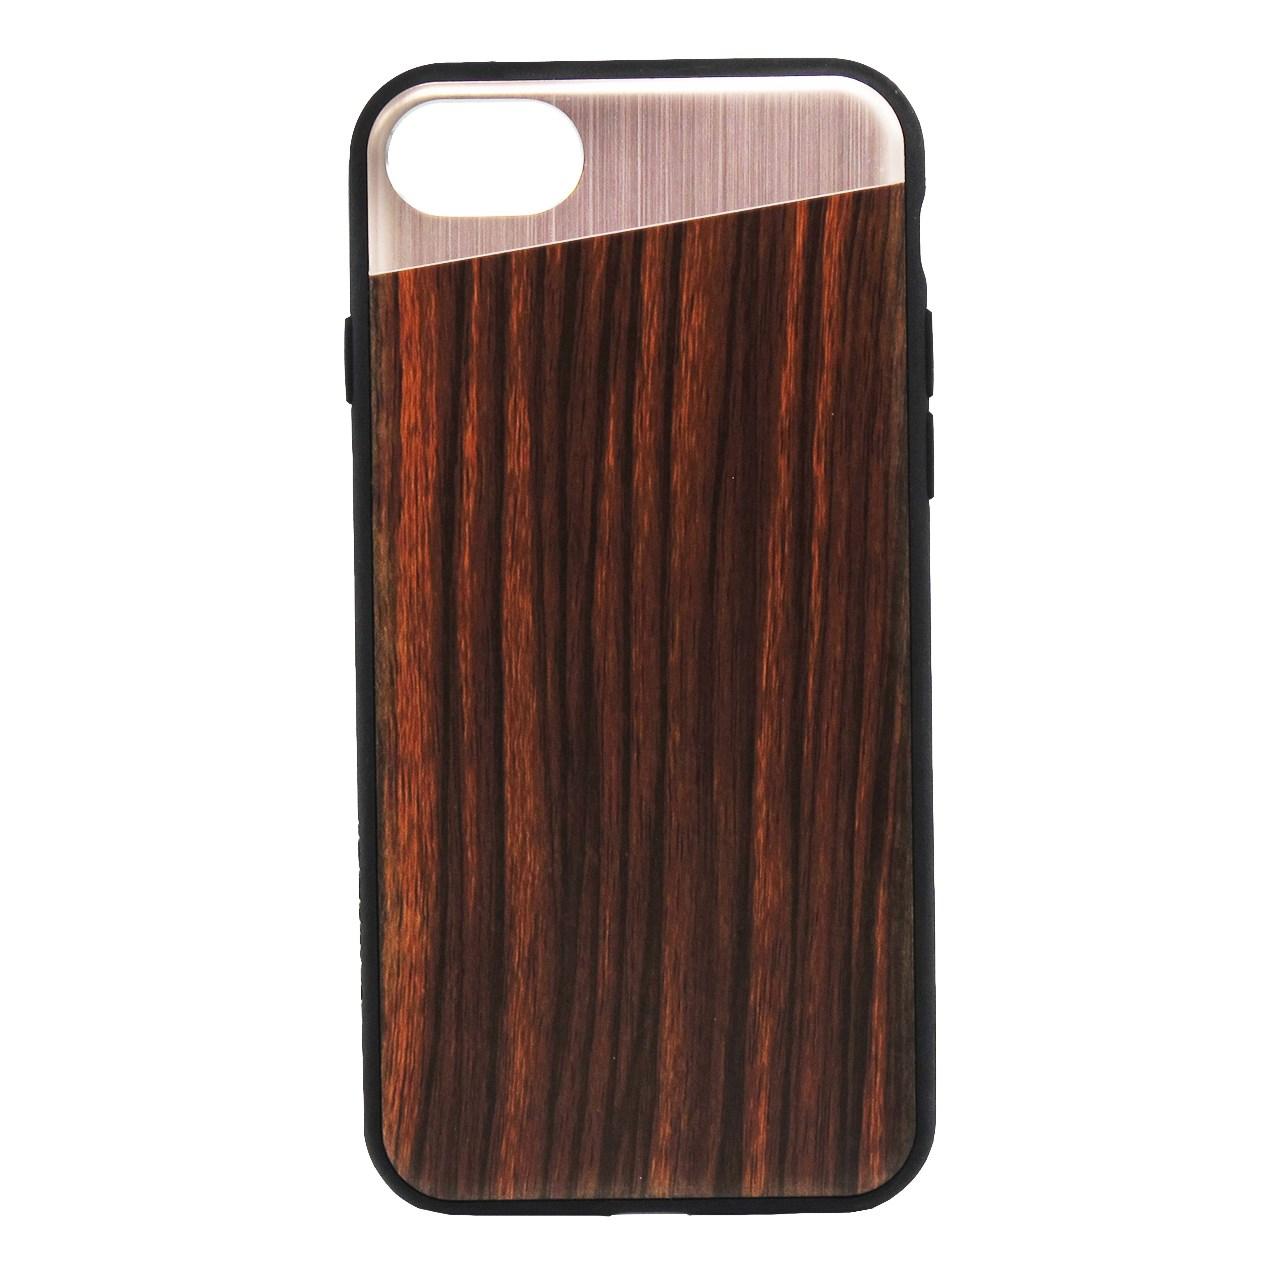 کاور توتو مدل Jazz Wood  مناسب برای گوشی موبایل آیفون 8/7